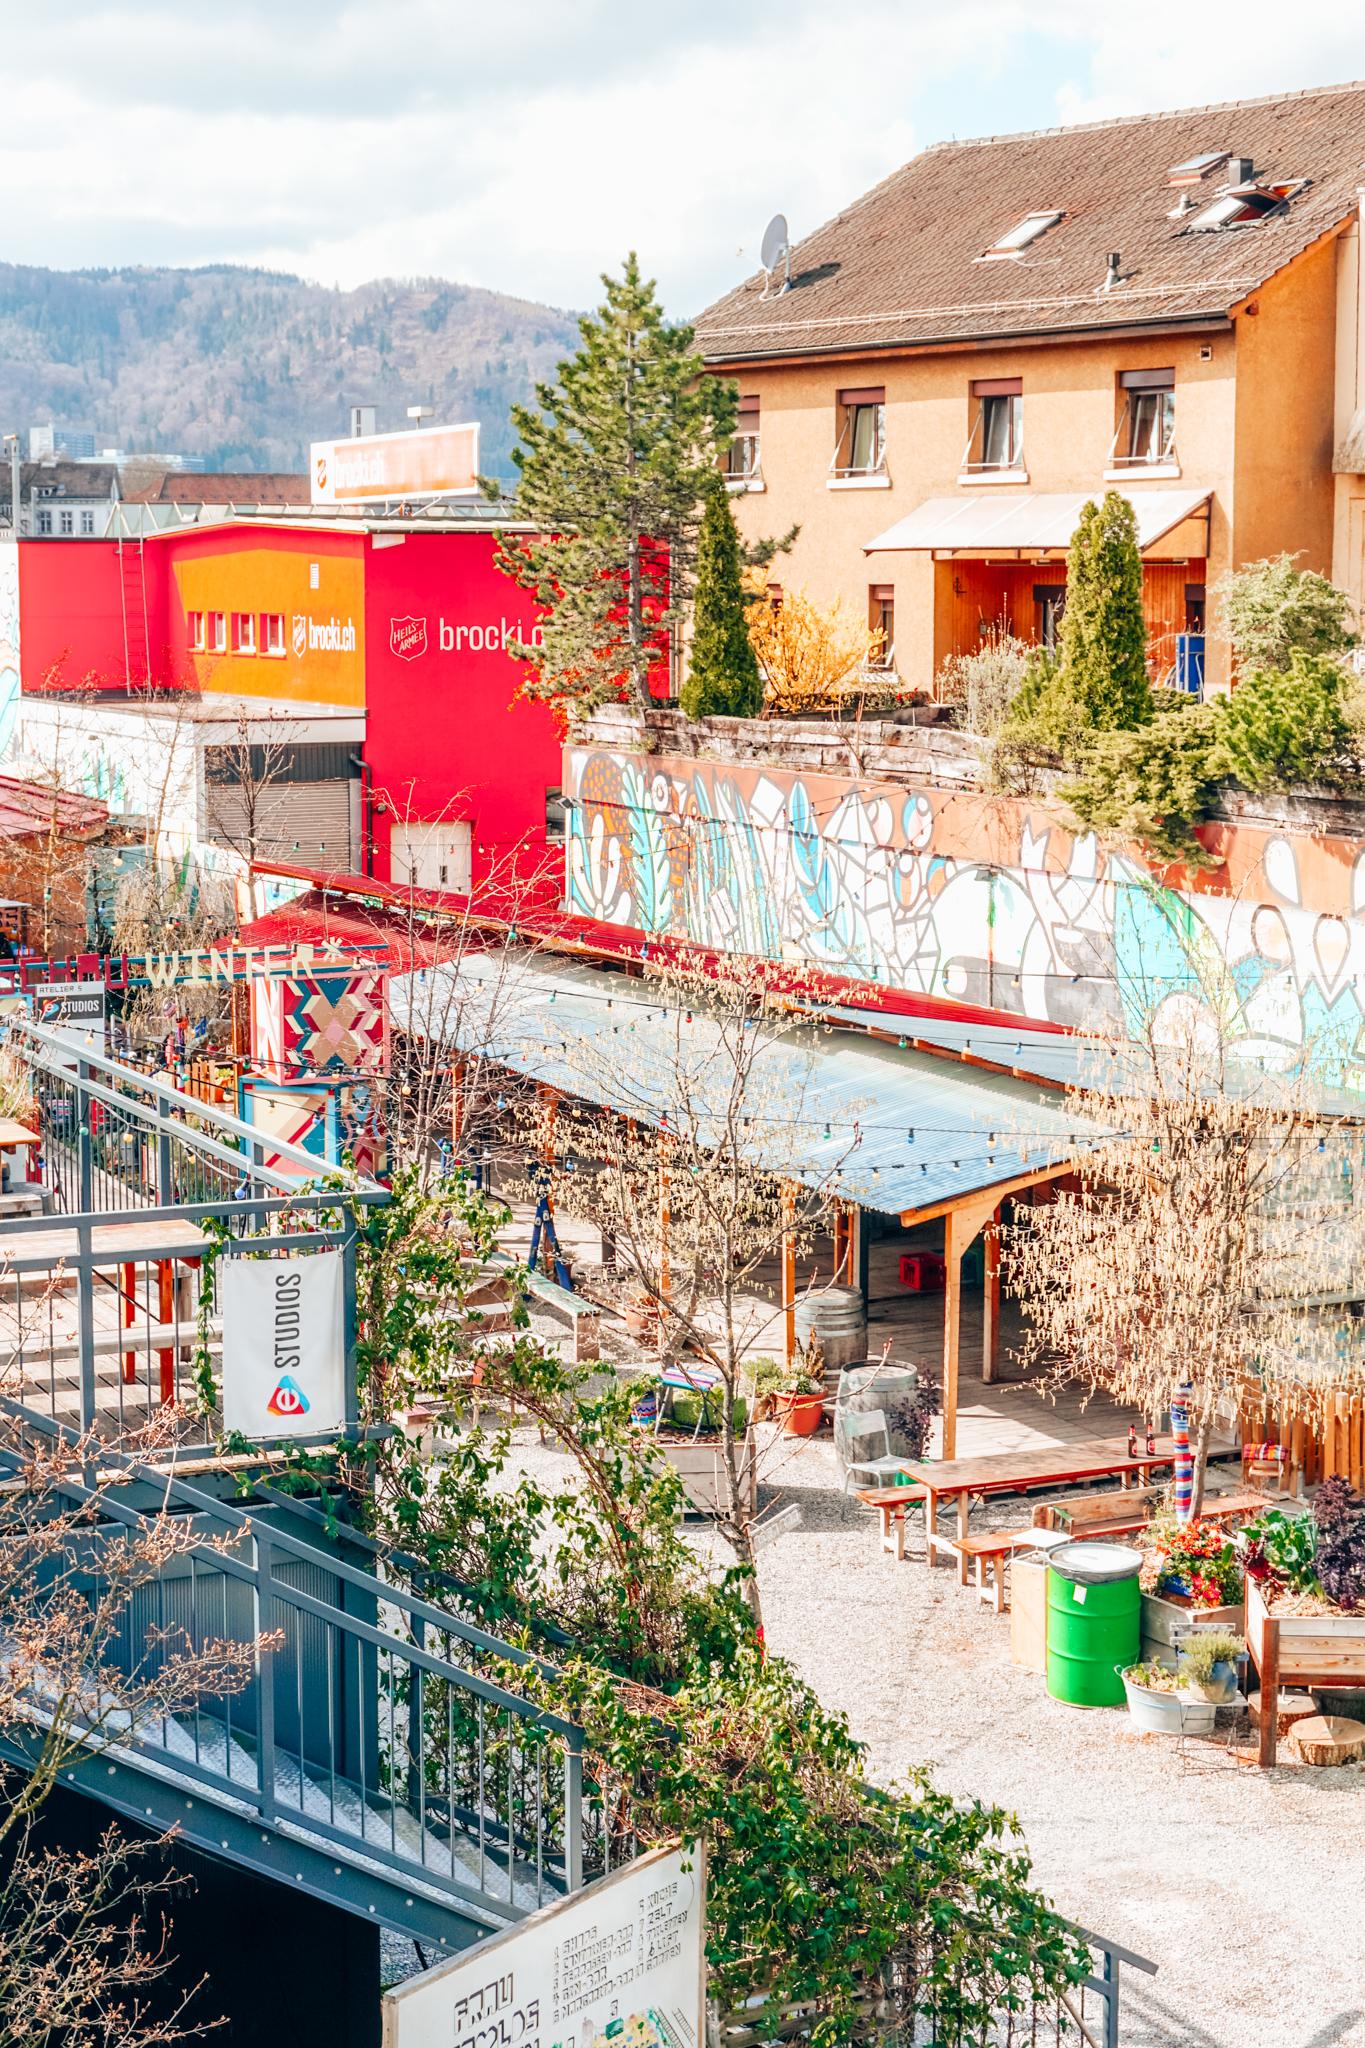 Frau Gerolds Garten Zurich